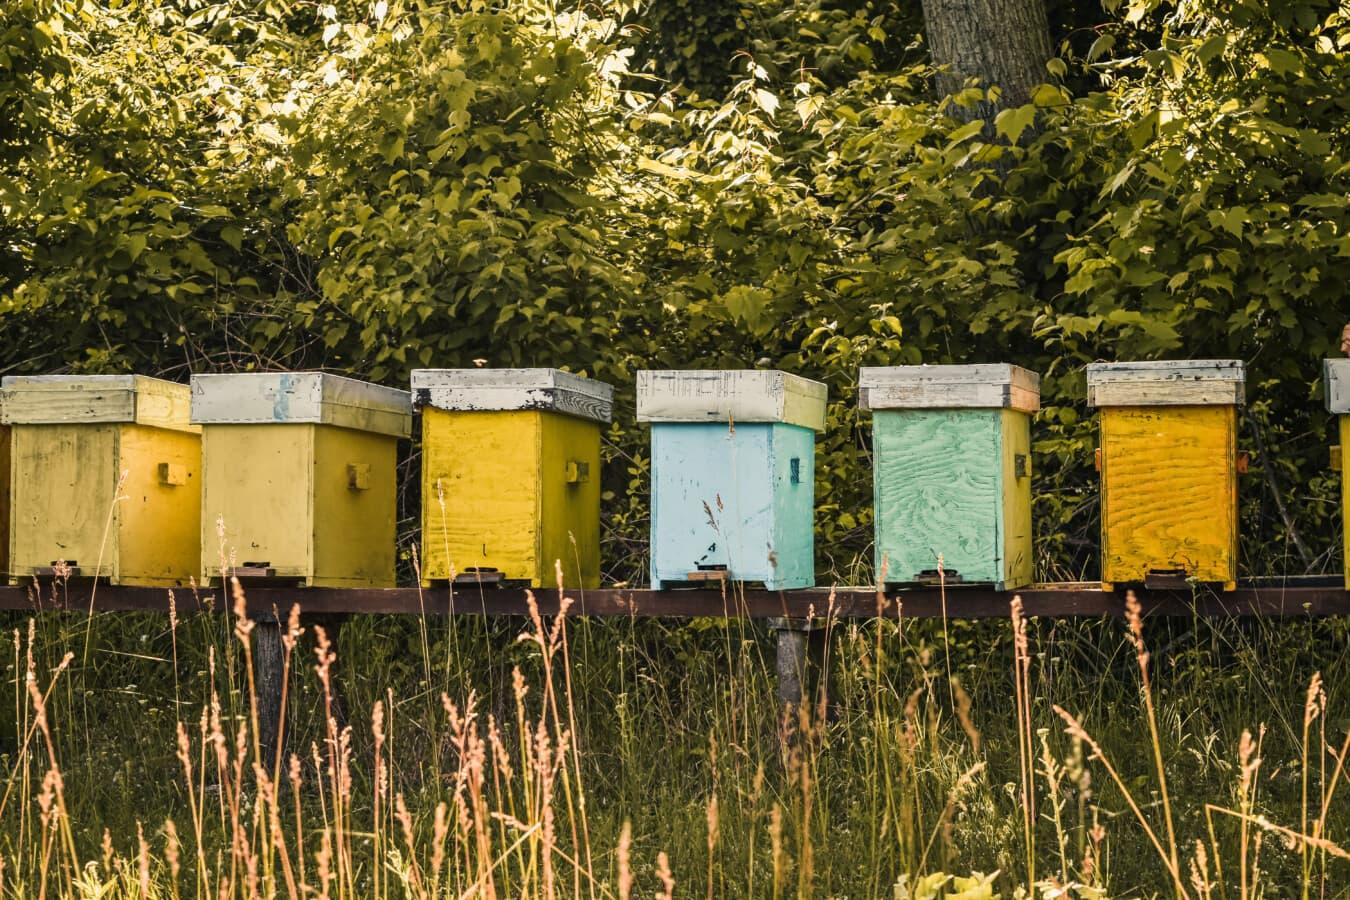 Bienenstock, aus Holz, Boxen, Landwirtschaft, Honigbiene, Honig, Wabe, Insekt, Landwirtschaft, Natur